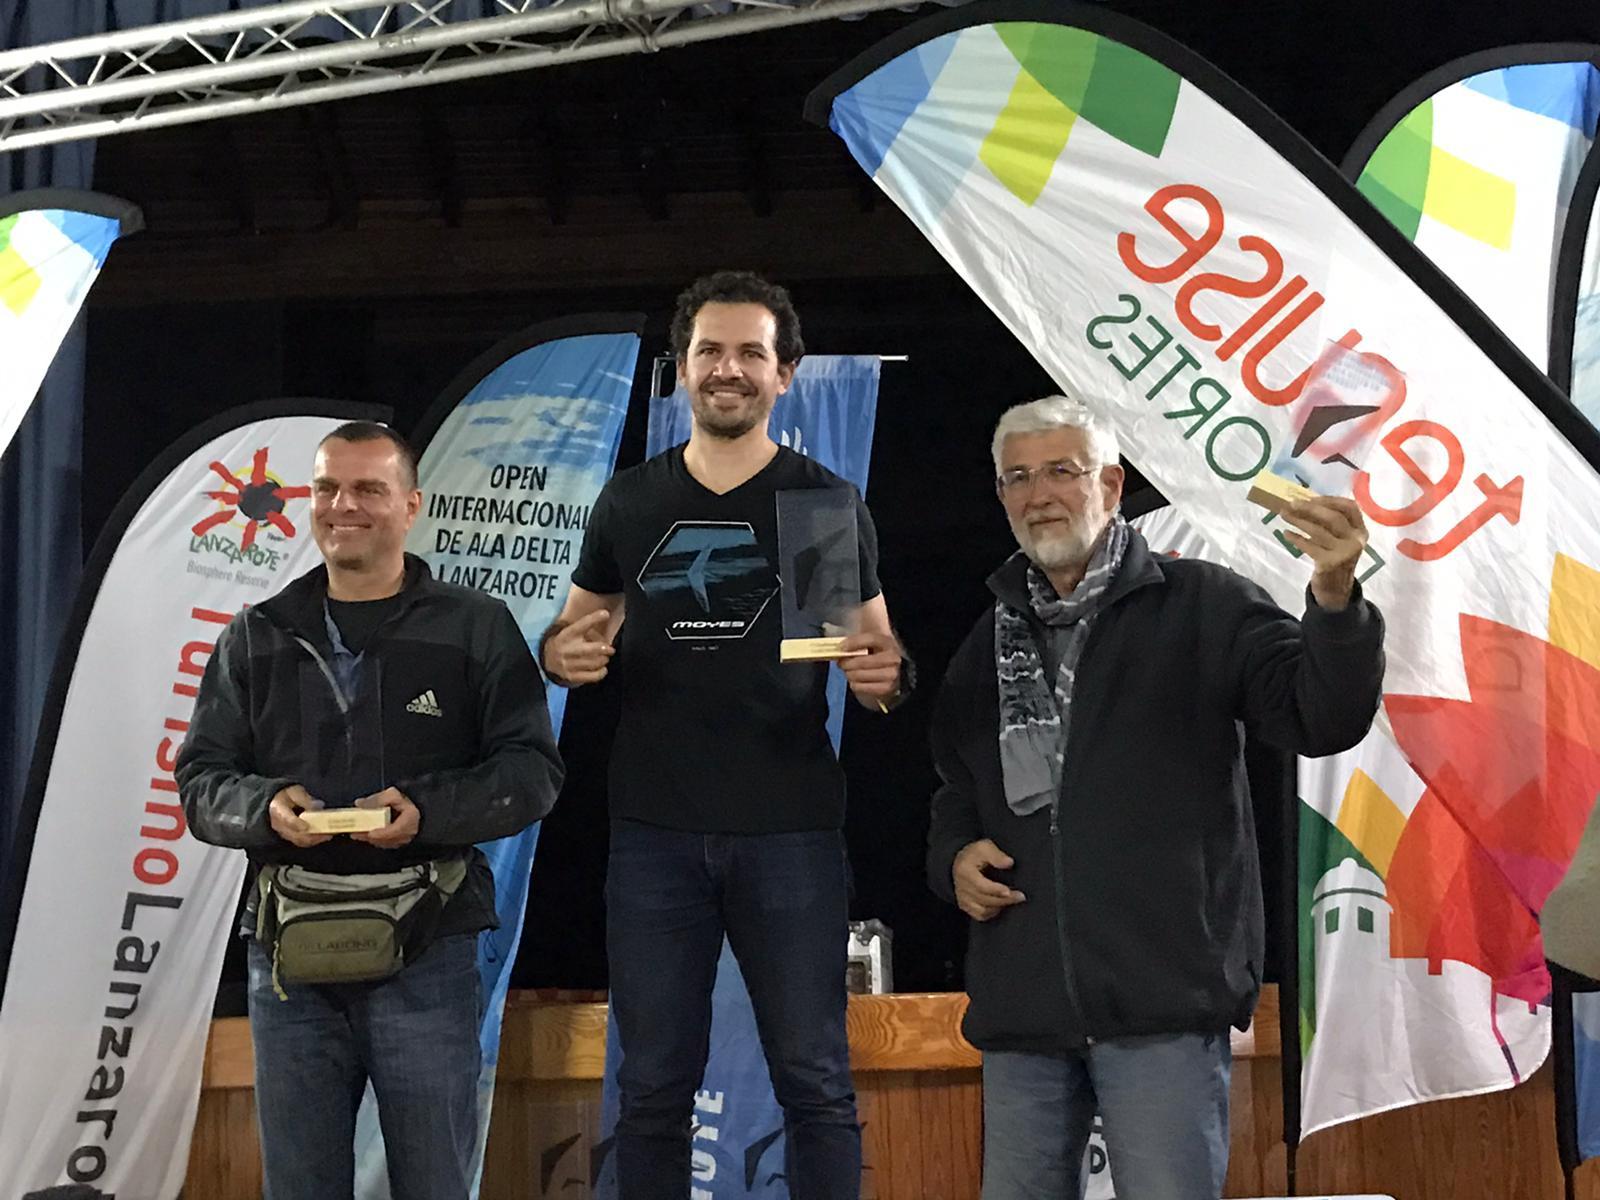 Clase Sport XXIII Abierto Internacional de Ala Delta y el Campeonato de Canarias 2019